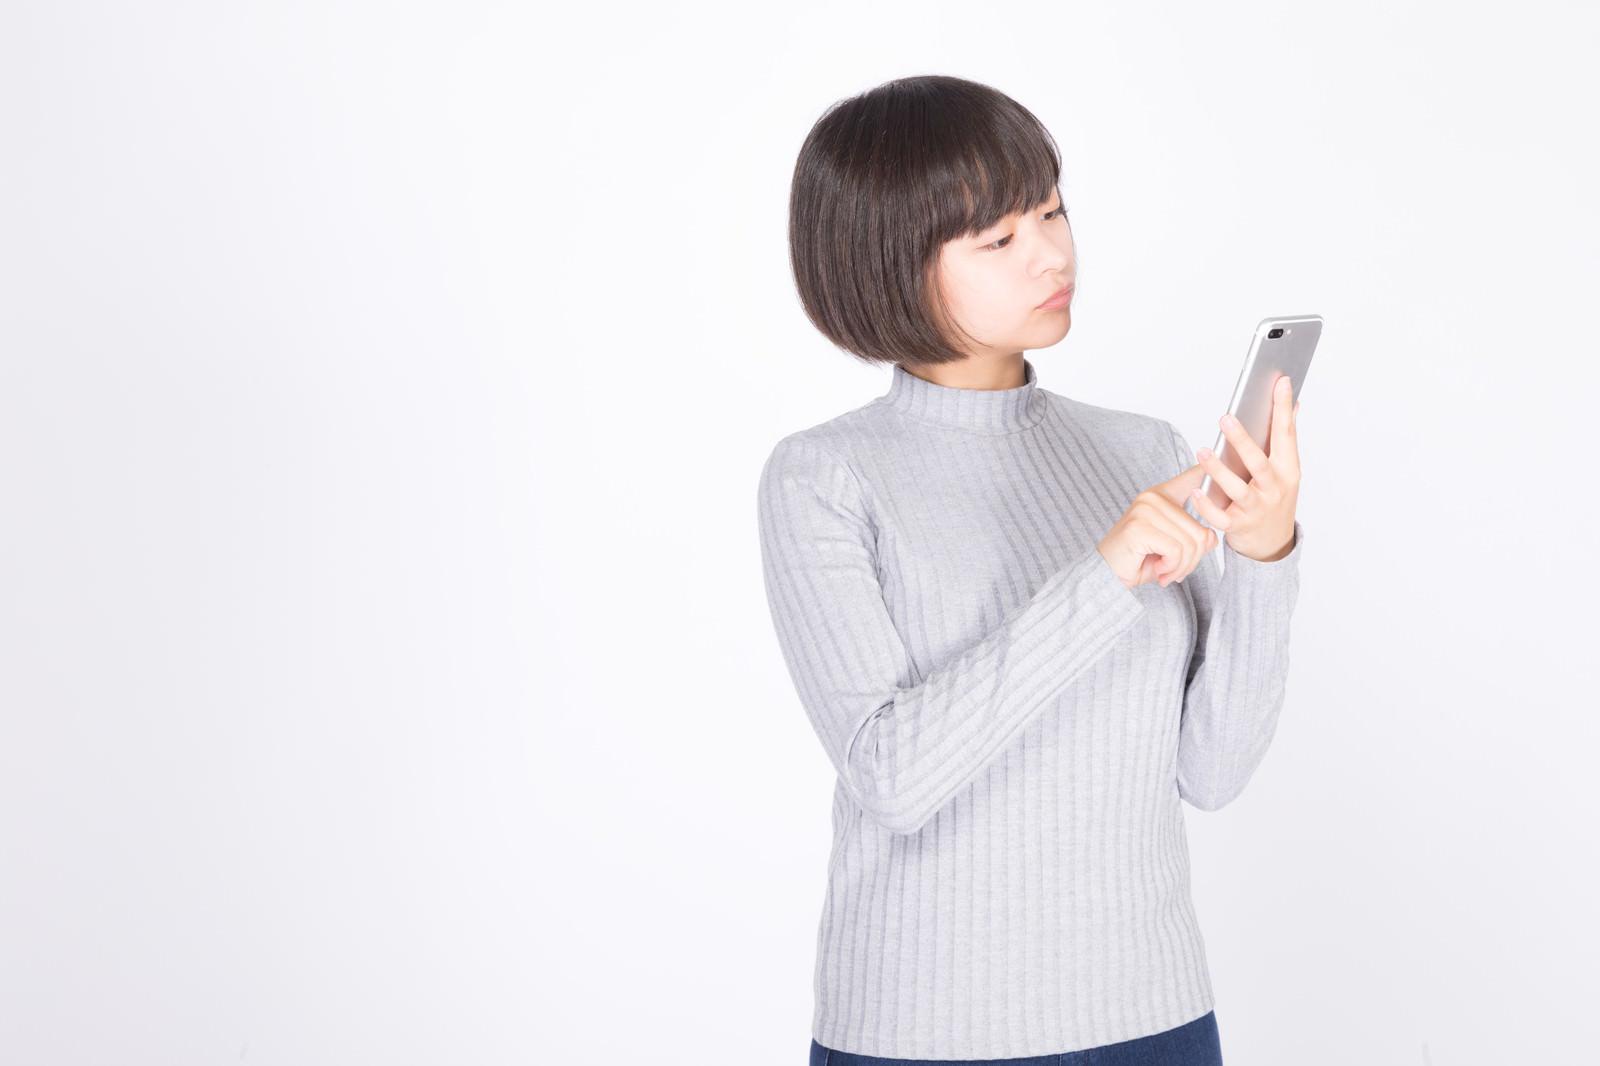 「スマホで検索中の女性スマホで検索中の女性」[モデル:千歳]のフリー写真素材を拡大